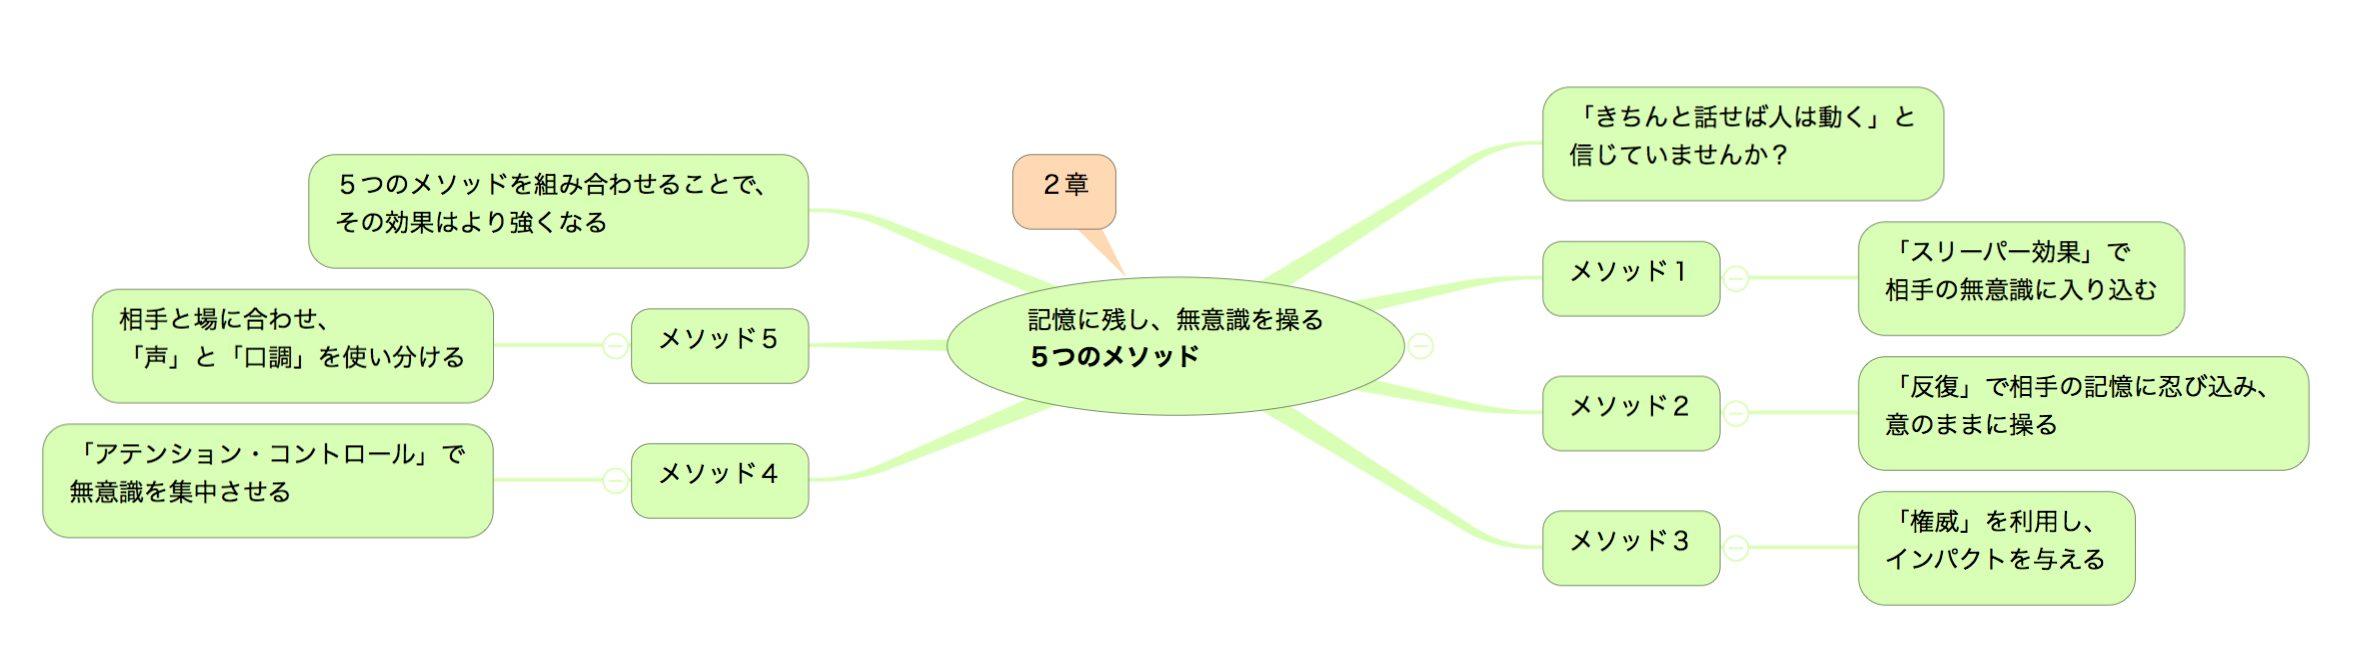 「超影響力」の目次(2章)のマインドマップ